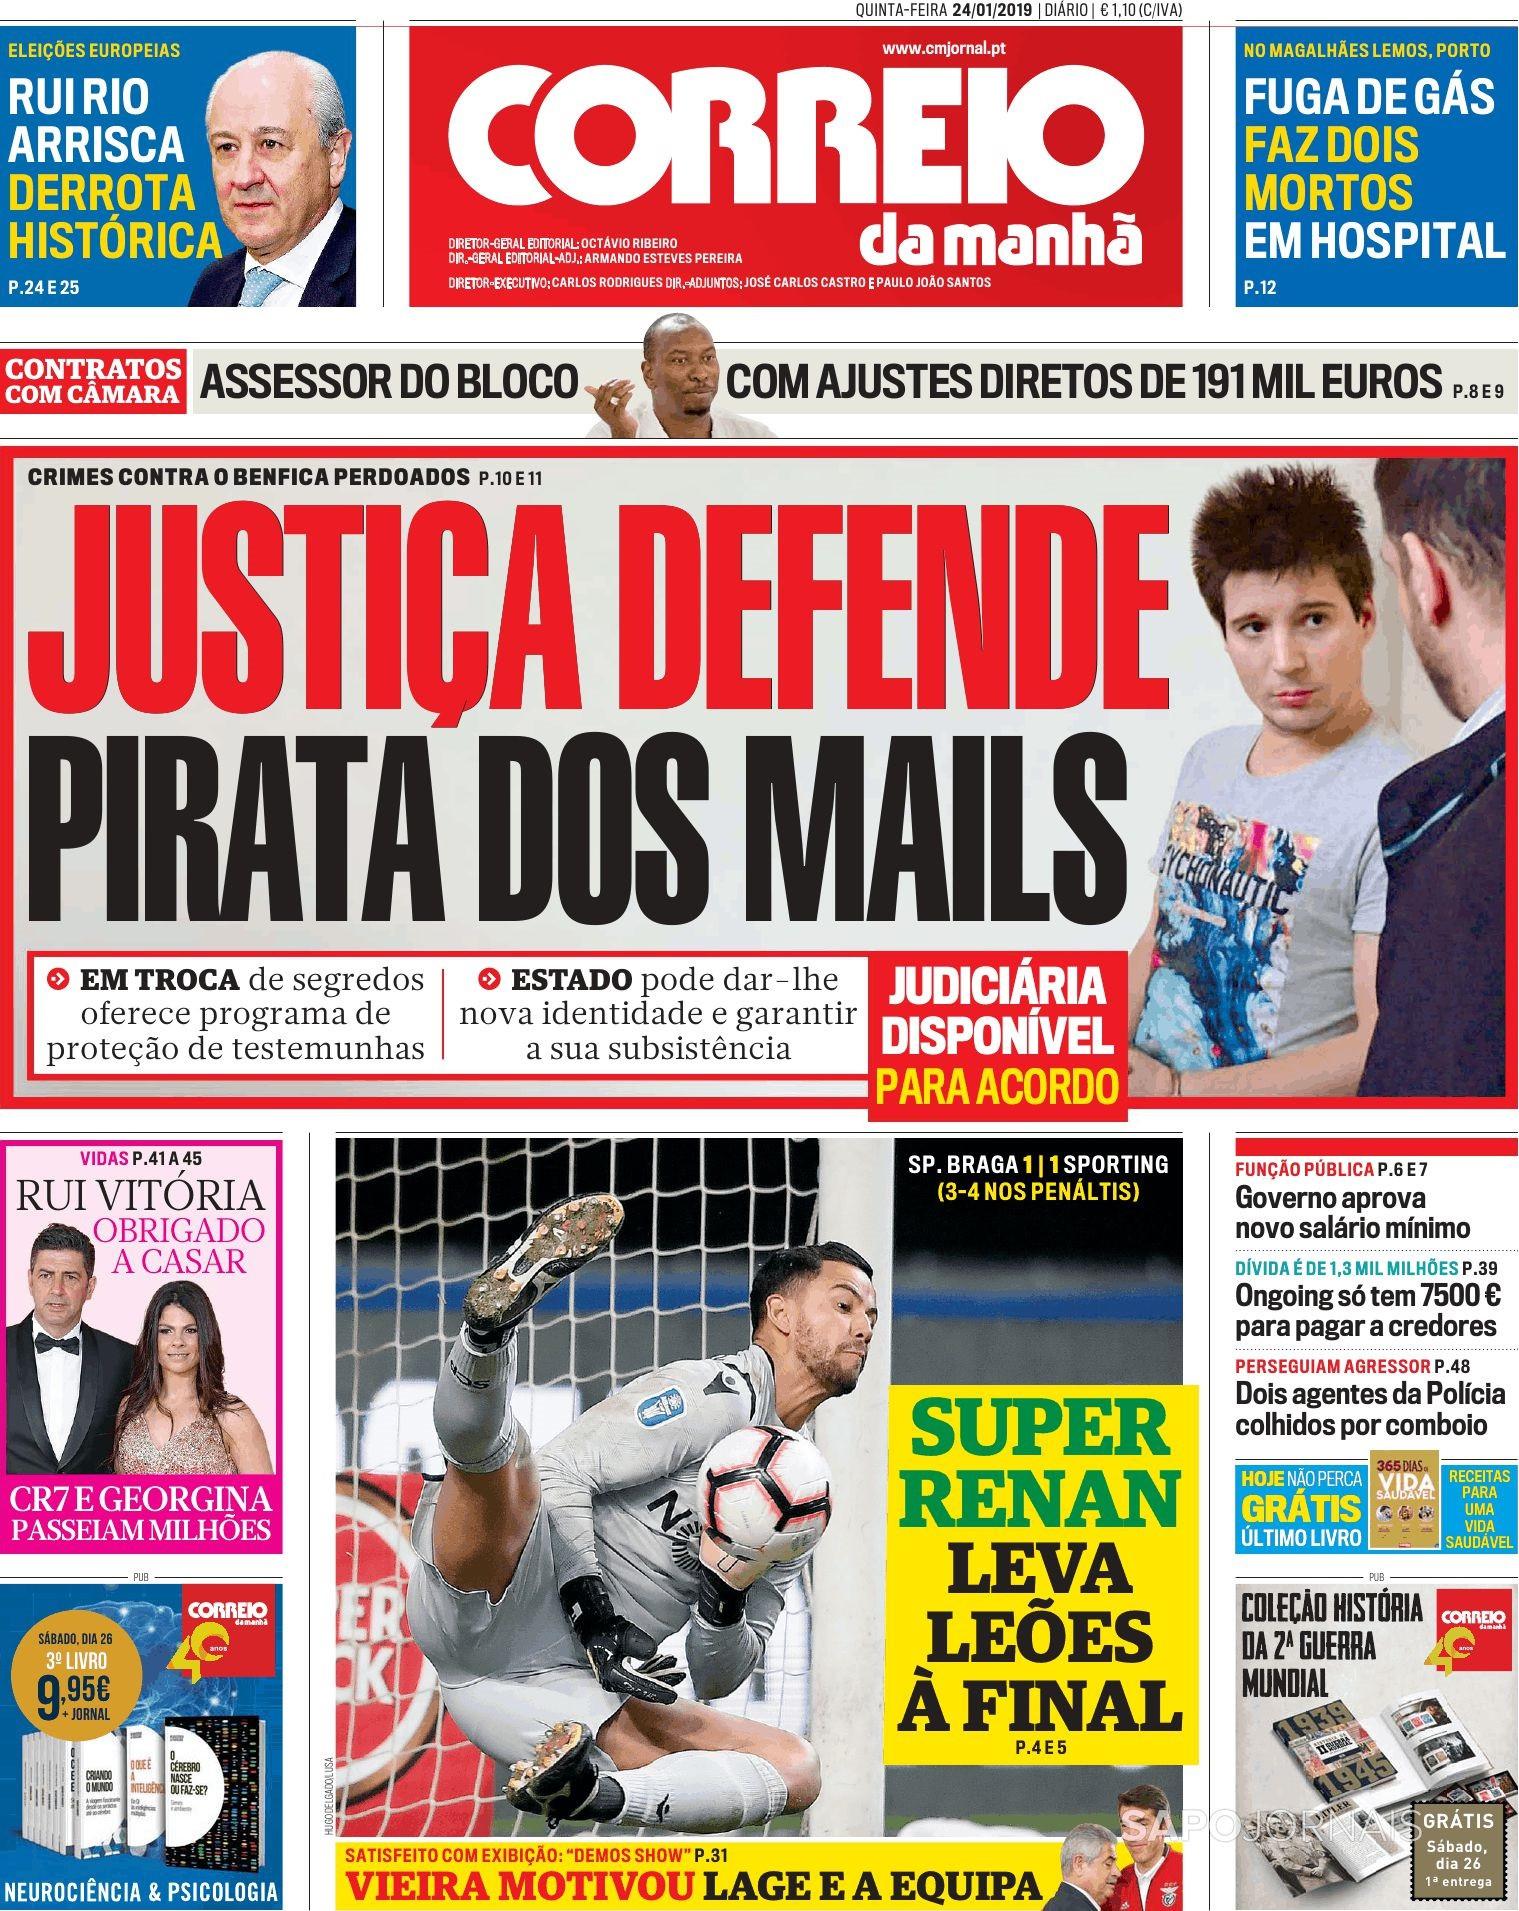 Hoje é notícia: Justiça defende pirata; Divisão de terras será limitada